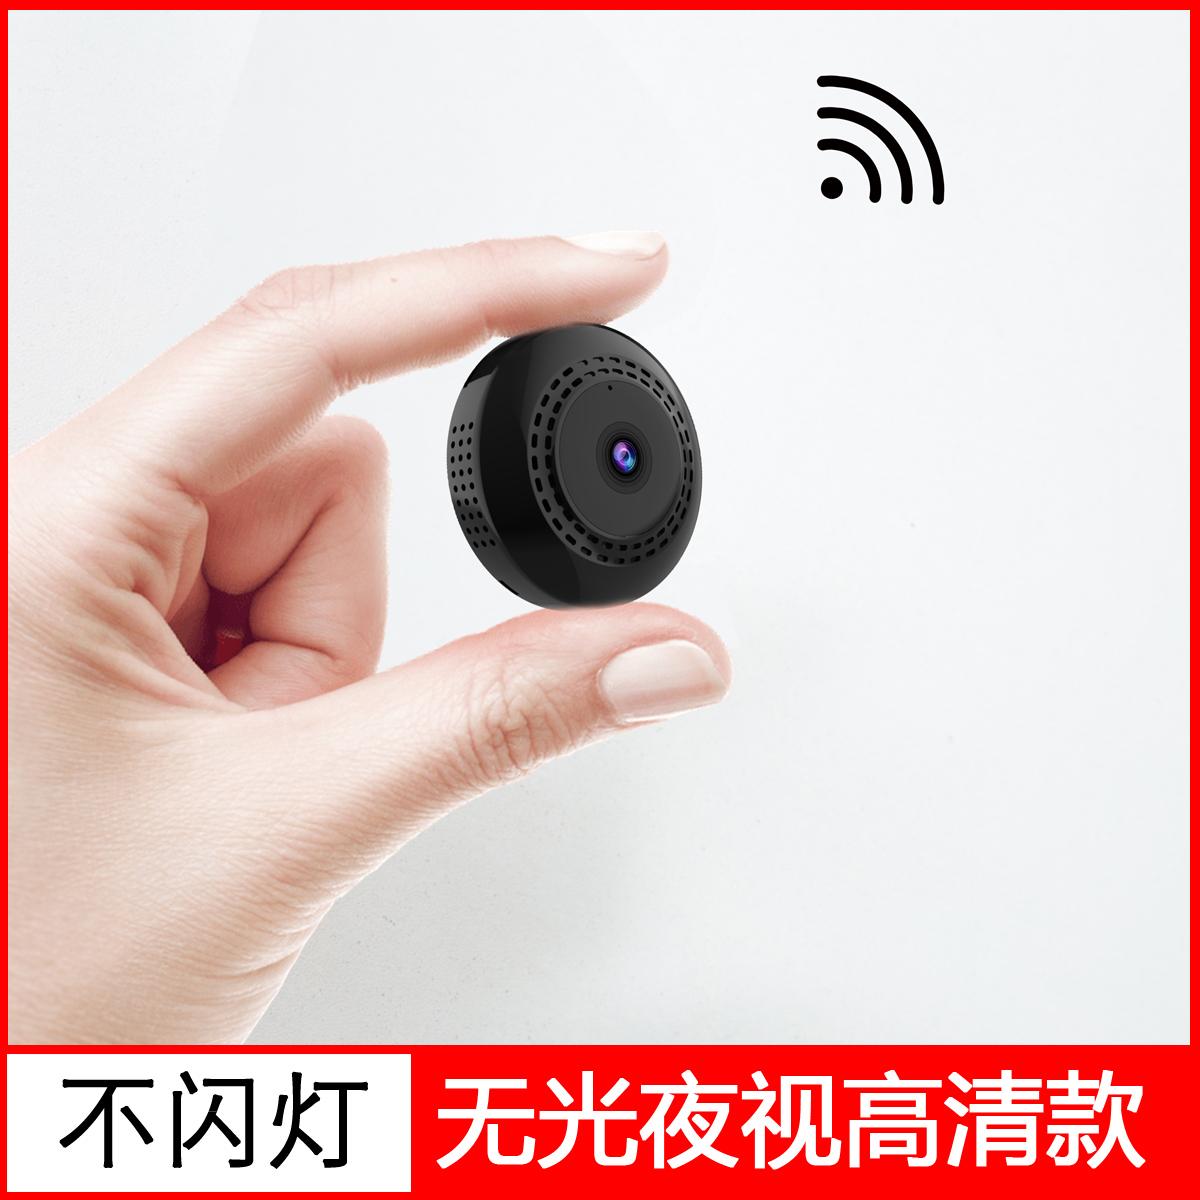 网络监控器 wifi 智能微行摄像头无线家用手机远程小型迷你高清夜视